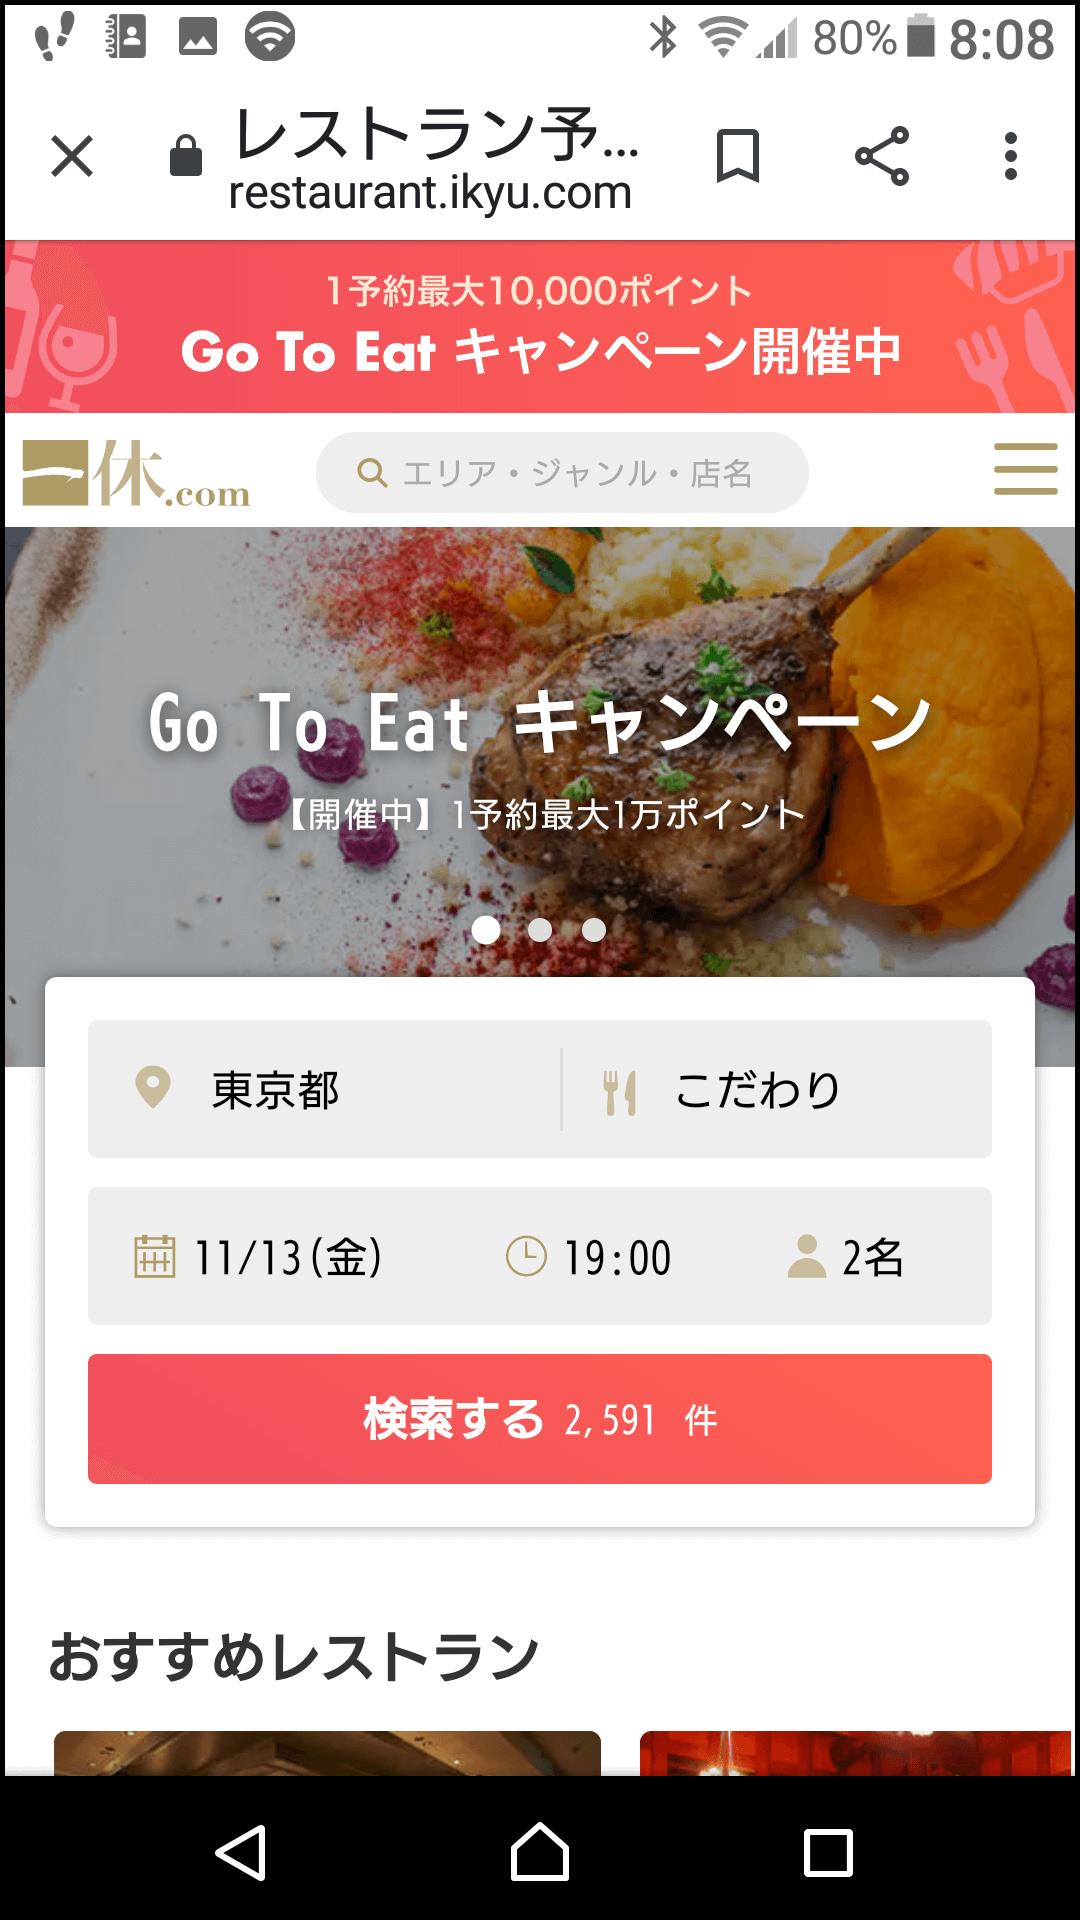 一休.com公式サイト